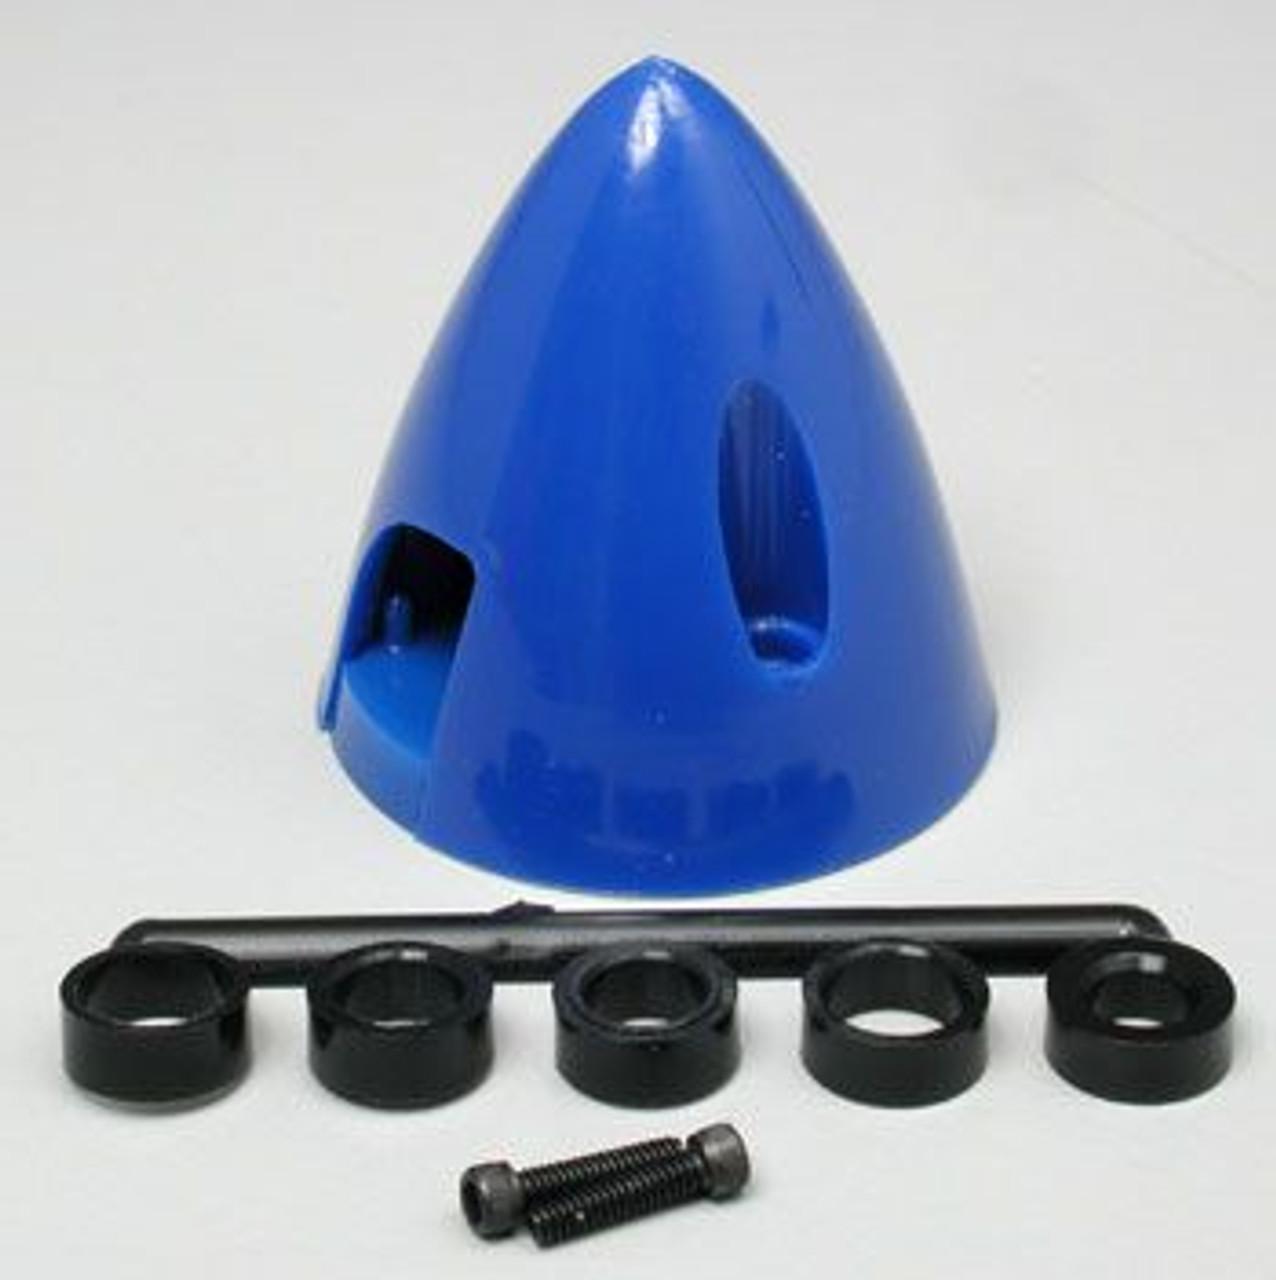 Spinner - 38mm (1-1/2in)  Blue - (DU-264)